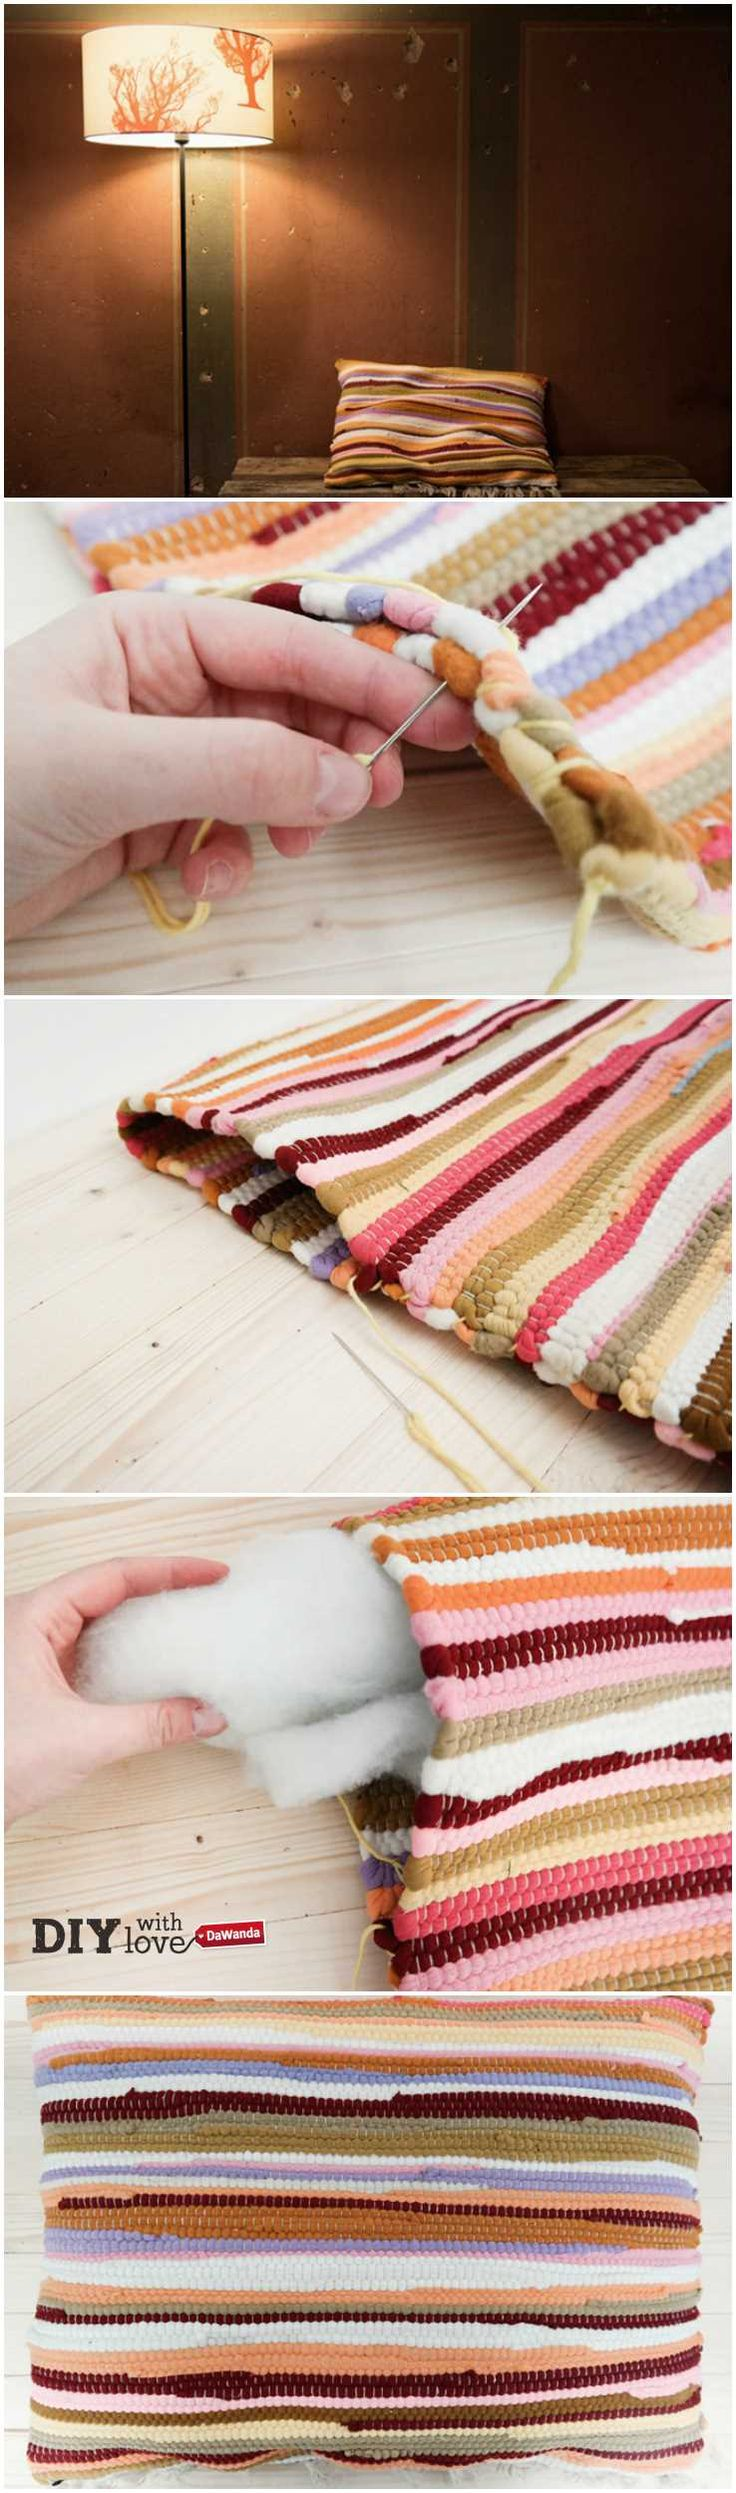 17 migliori idee su fare un tappeto su pinterest tappeti - Tappeto di giunchi ...